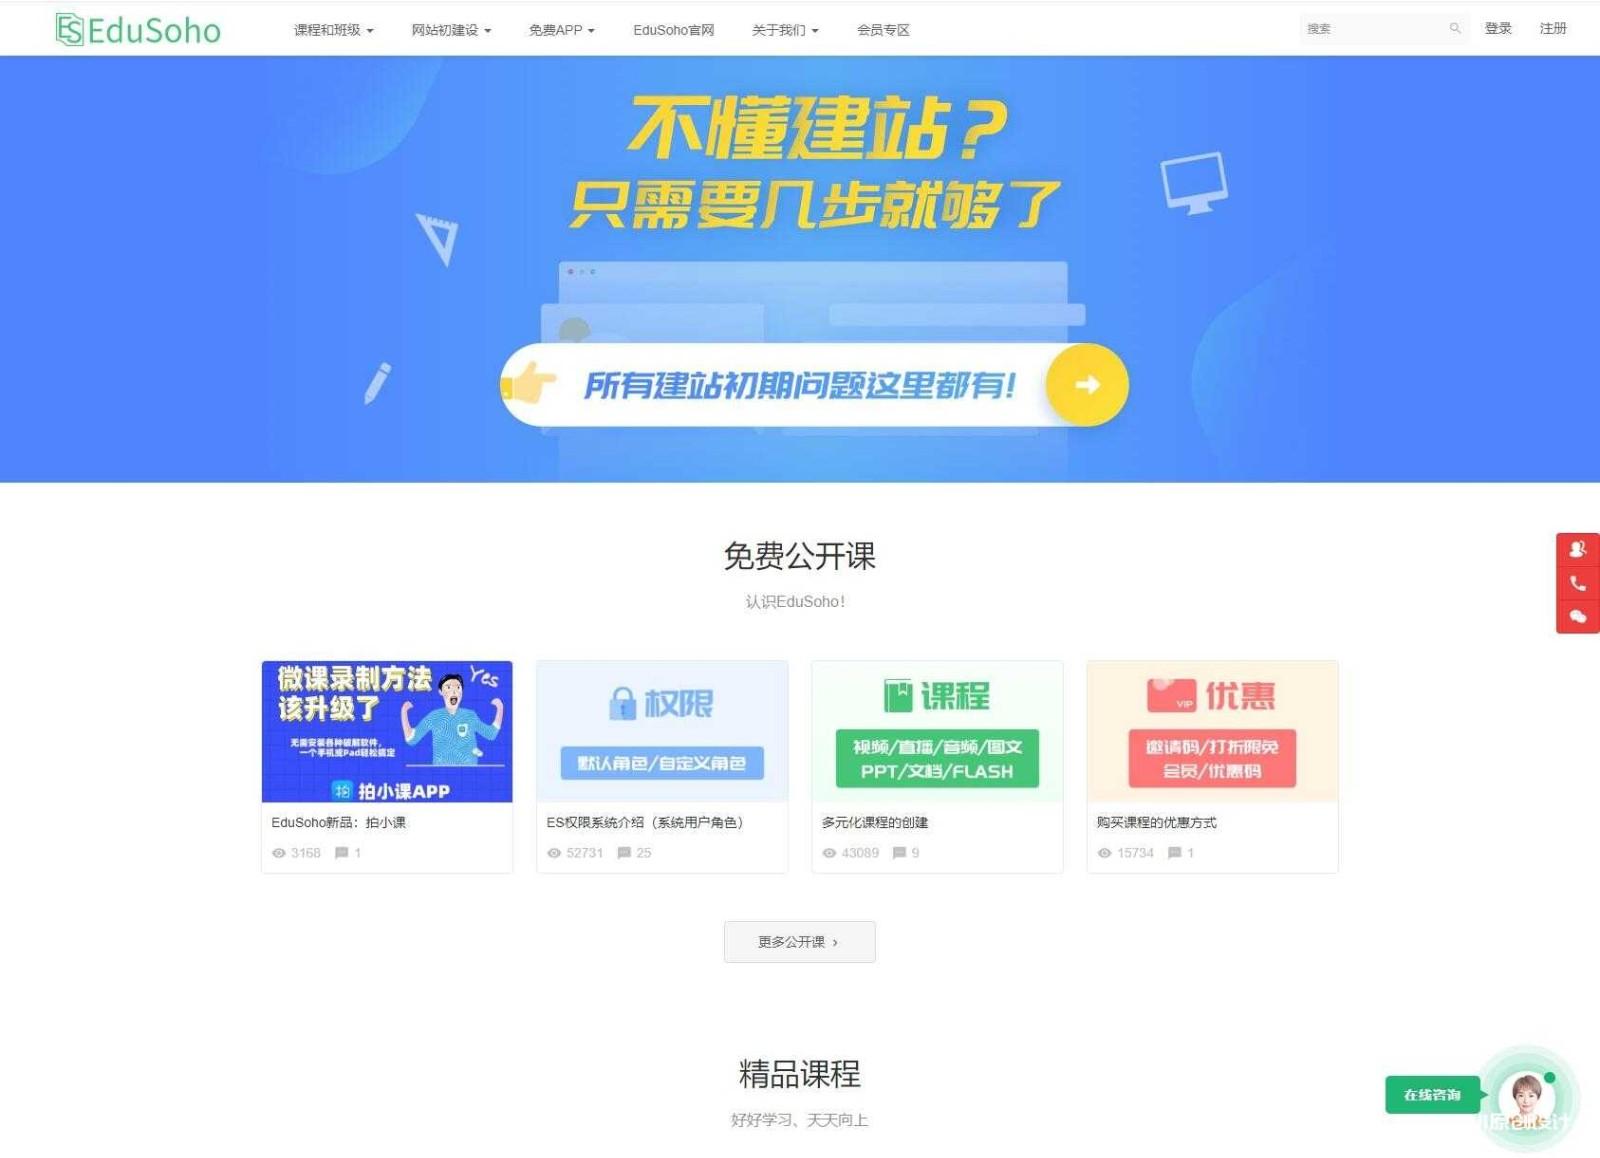 最新 EduSoHo 在线教育商业版带账户充值和 VIP 商业插件